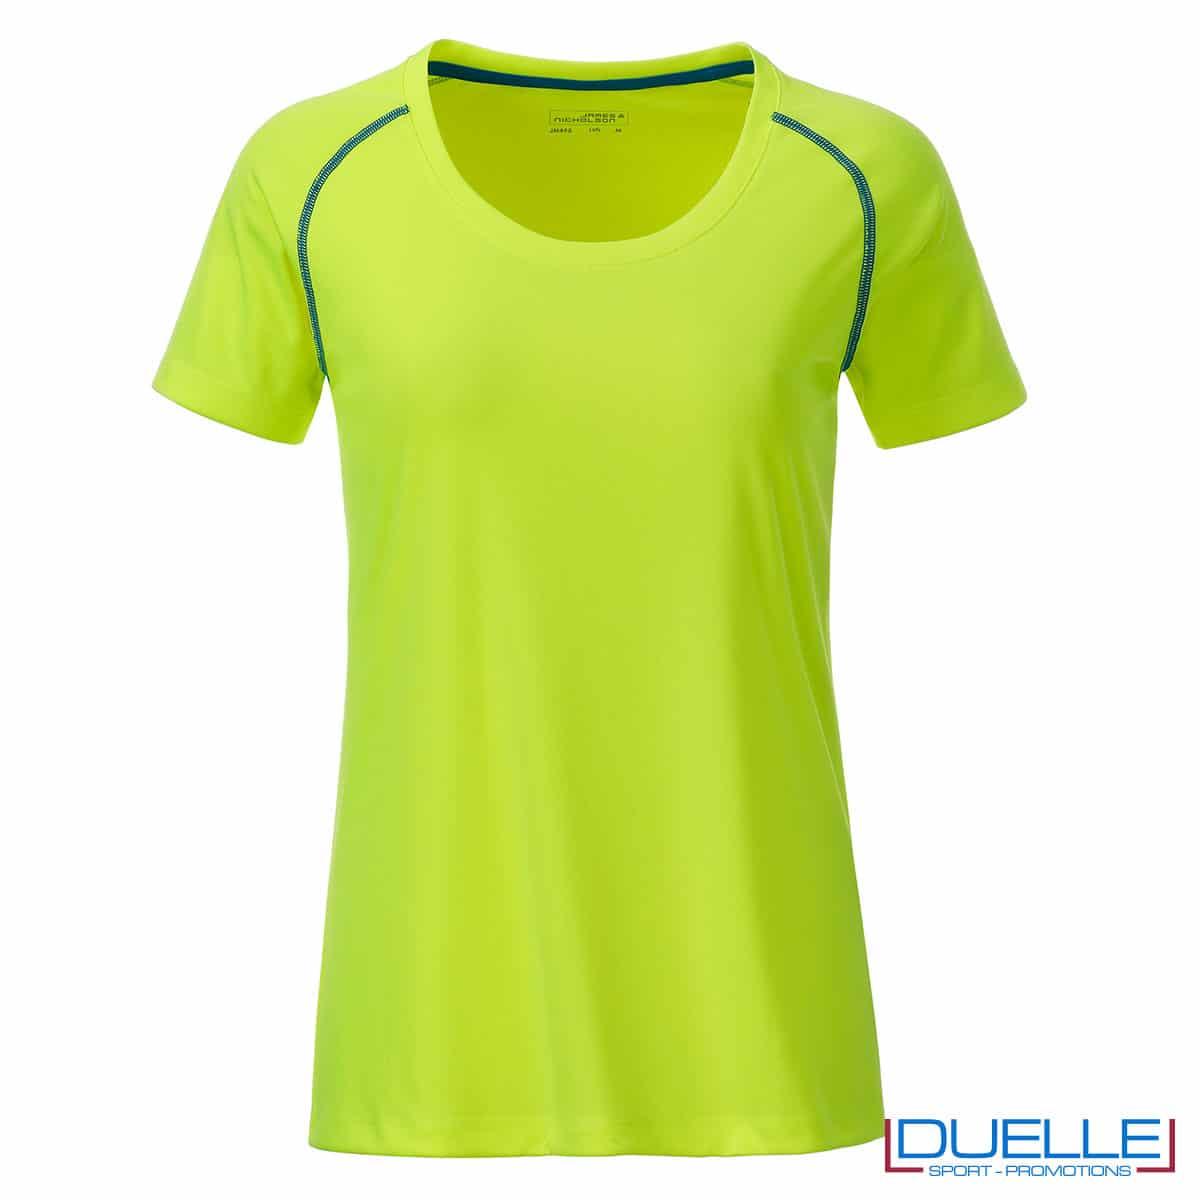 maglietta traspirante da donna giallo fluo